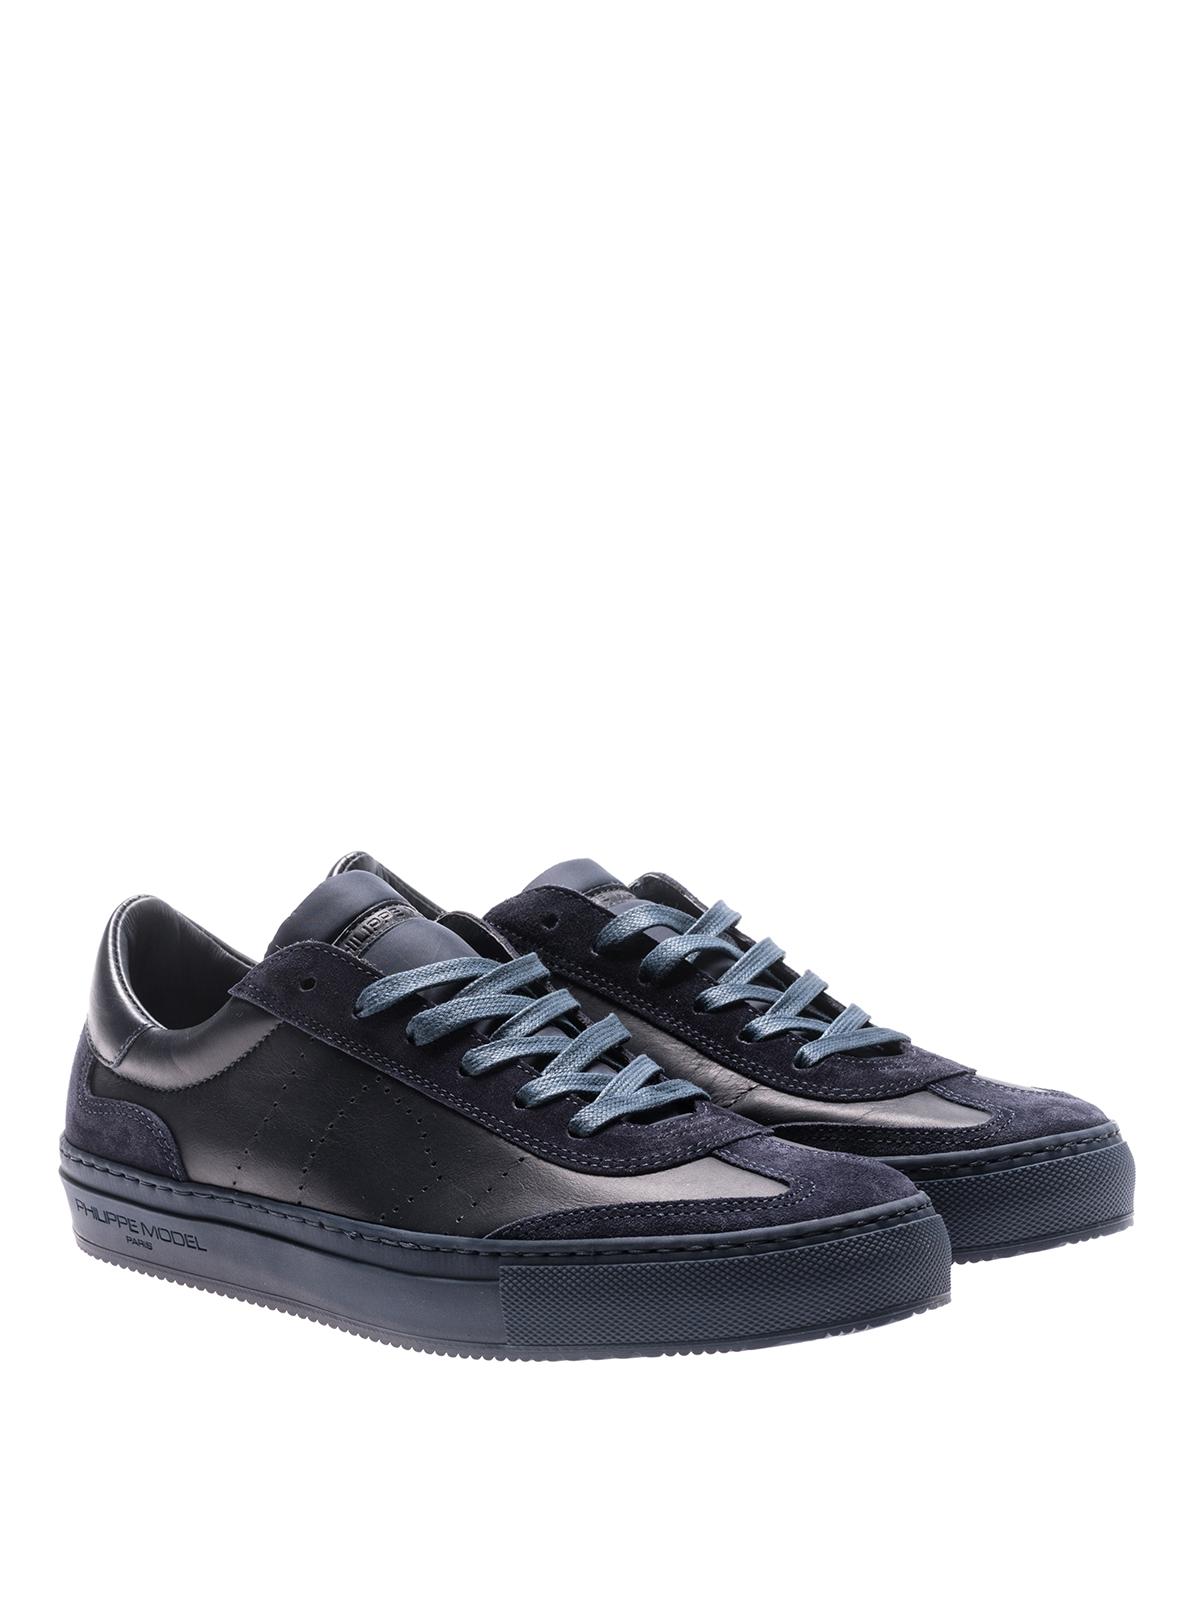 Belleville sneakers - Blue Philippe Model W6e8p7lN